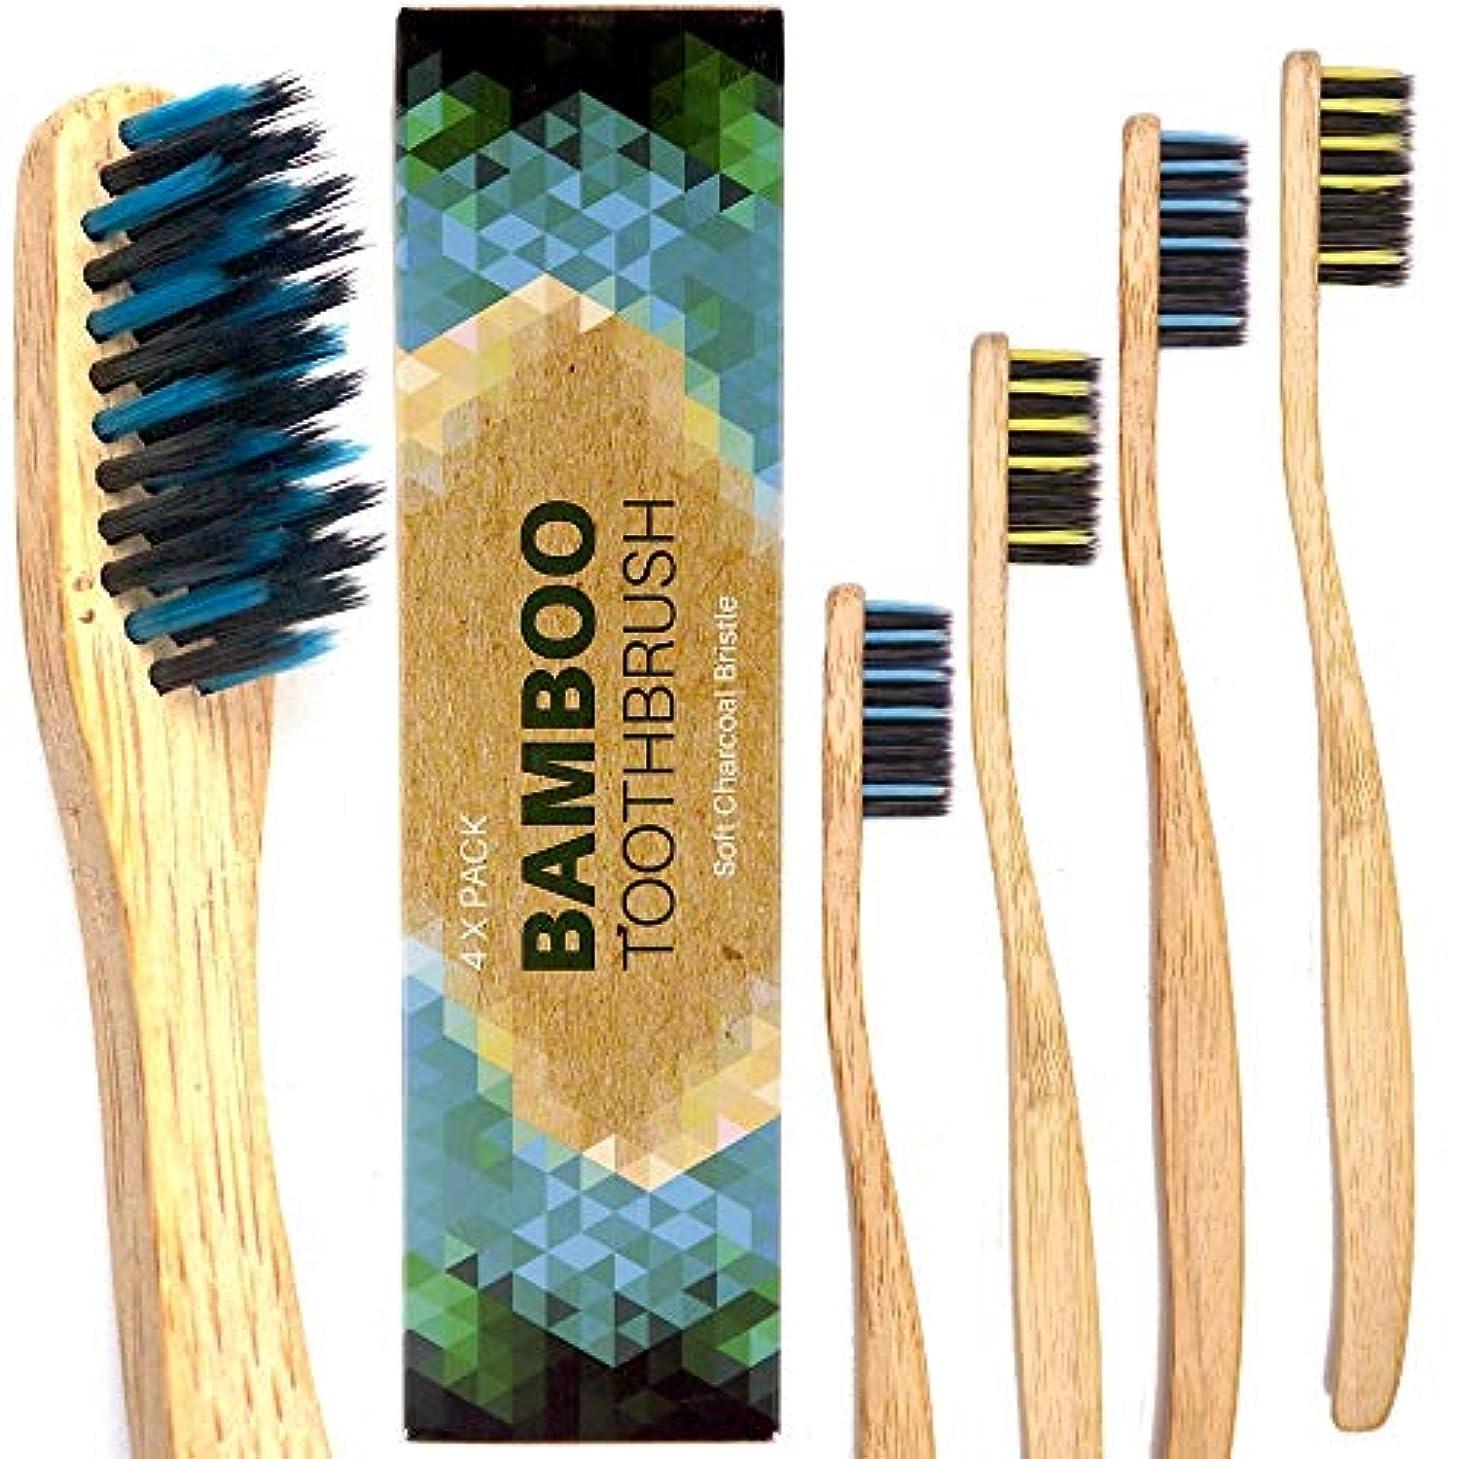 遺体安置所短命エンターテインメント竹製歯ブラシ。チャコールブリストル大人 - ミディアム及びソフト、生分解性、ビーガン、バイオ、エコ、持続可能な木製ハンドル4本パック4 Bamboo Toothbrushes, ホワイトニング 歯, ドイツの品質, 竹歯ブラシ